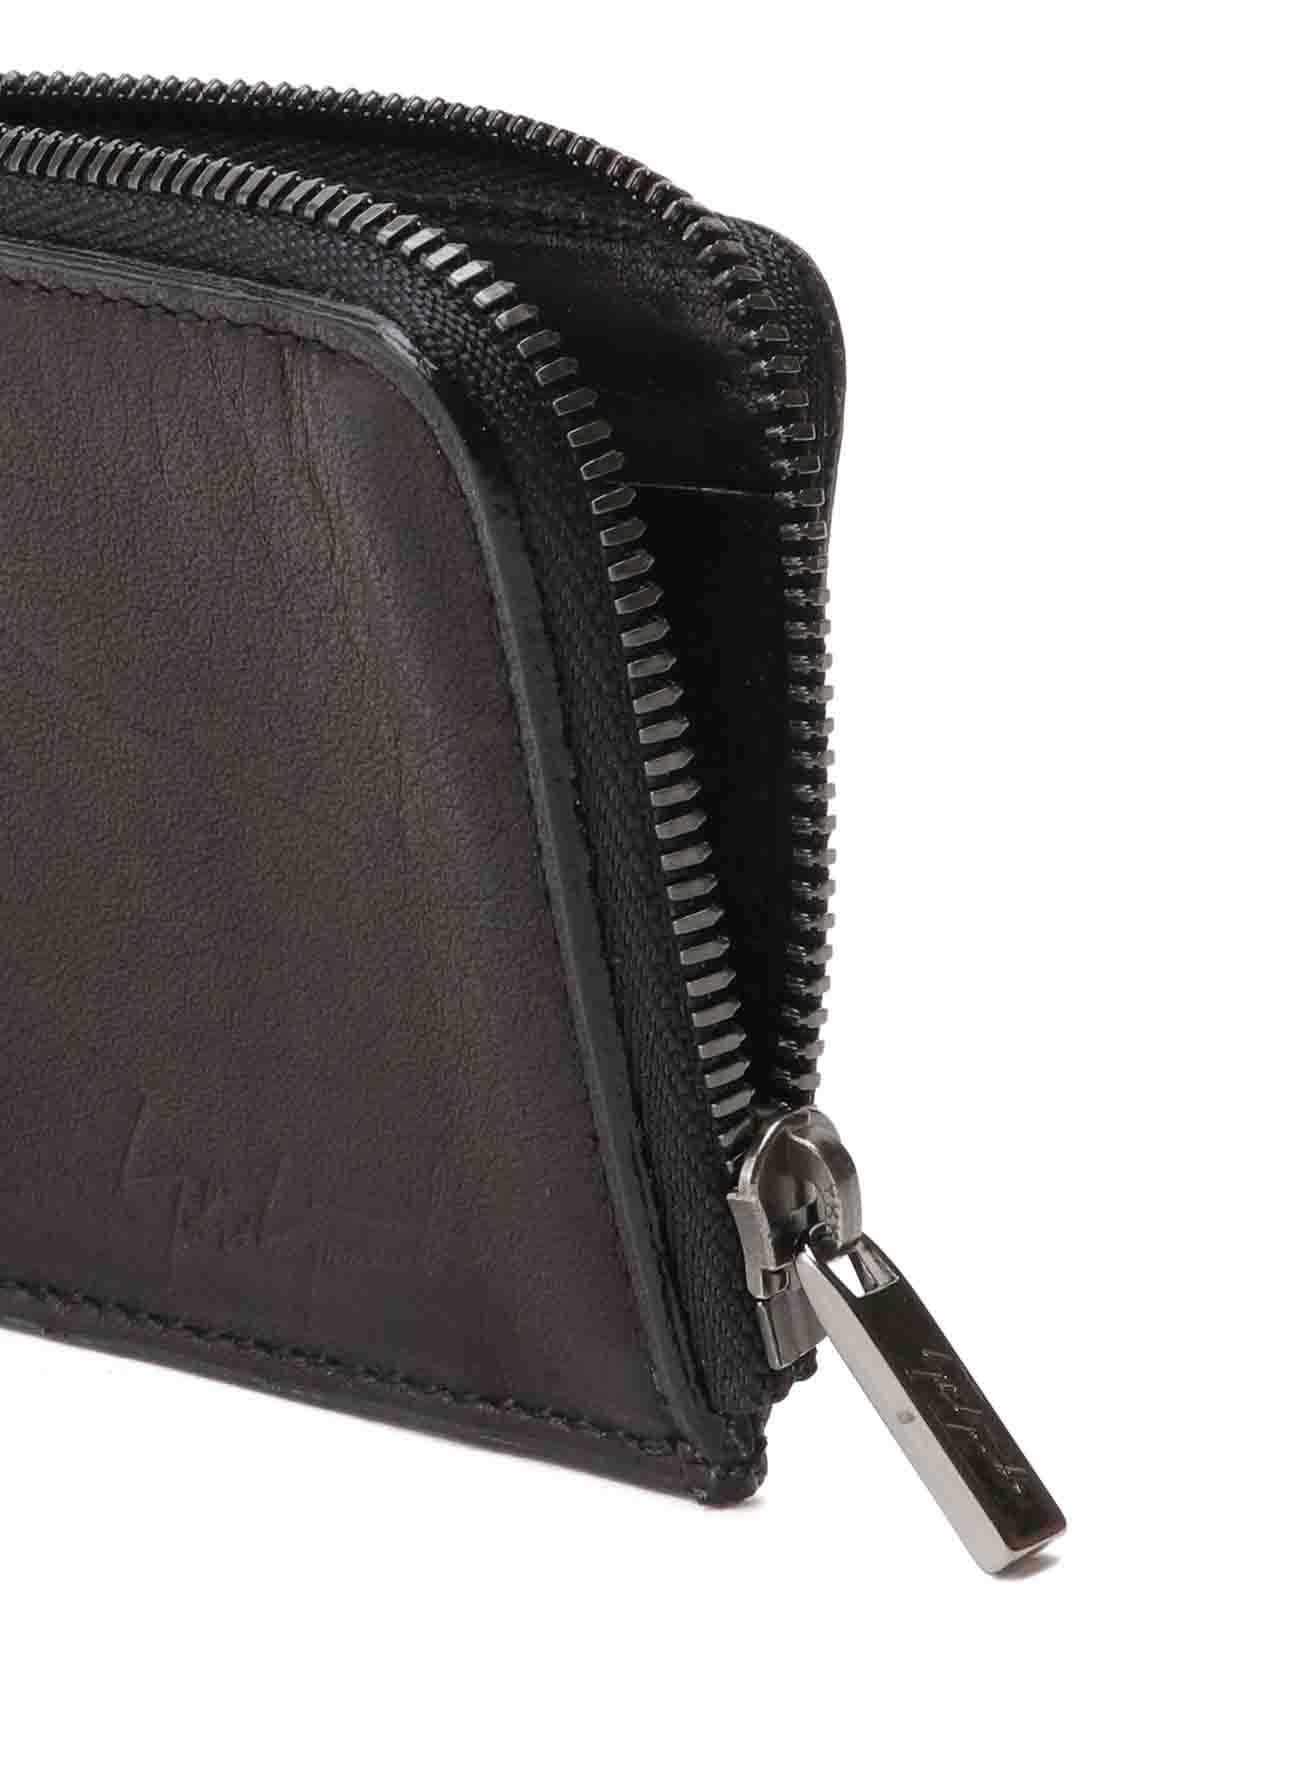 Card mini wallet